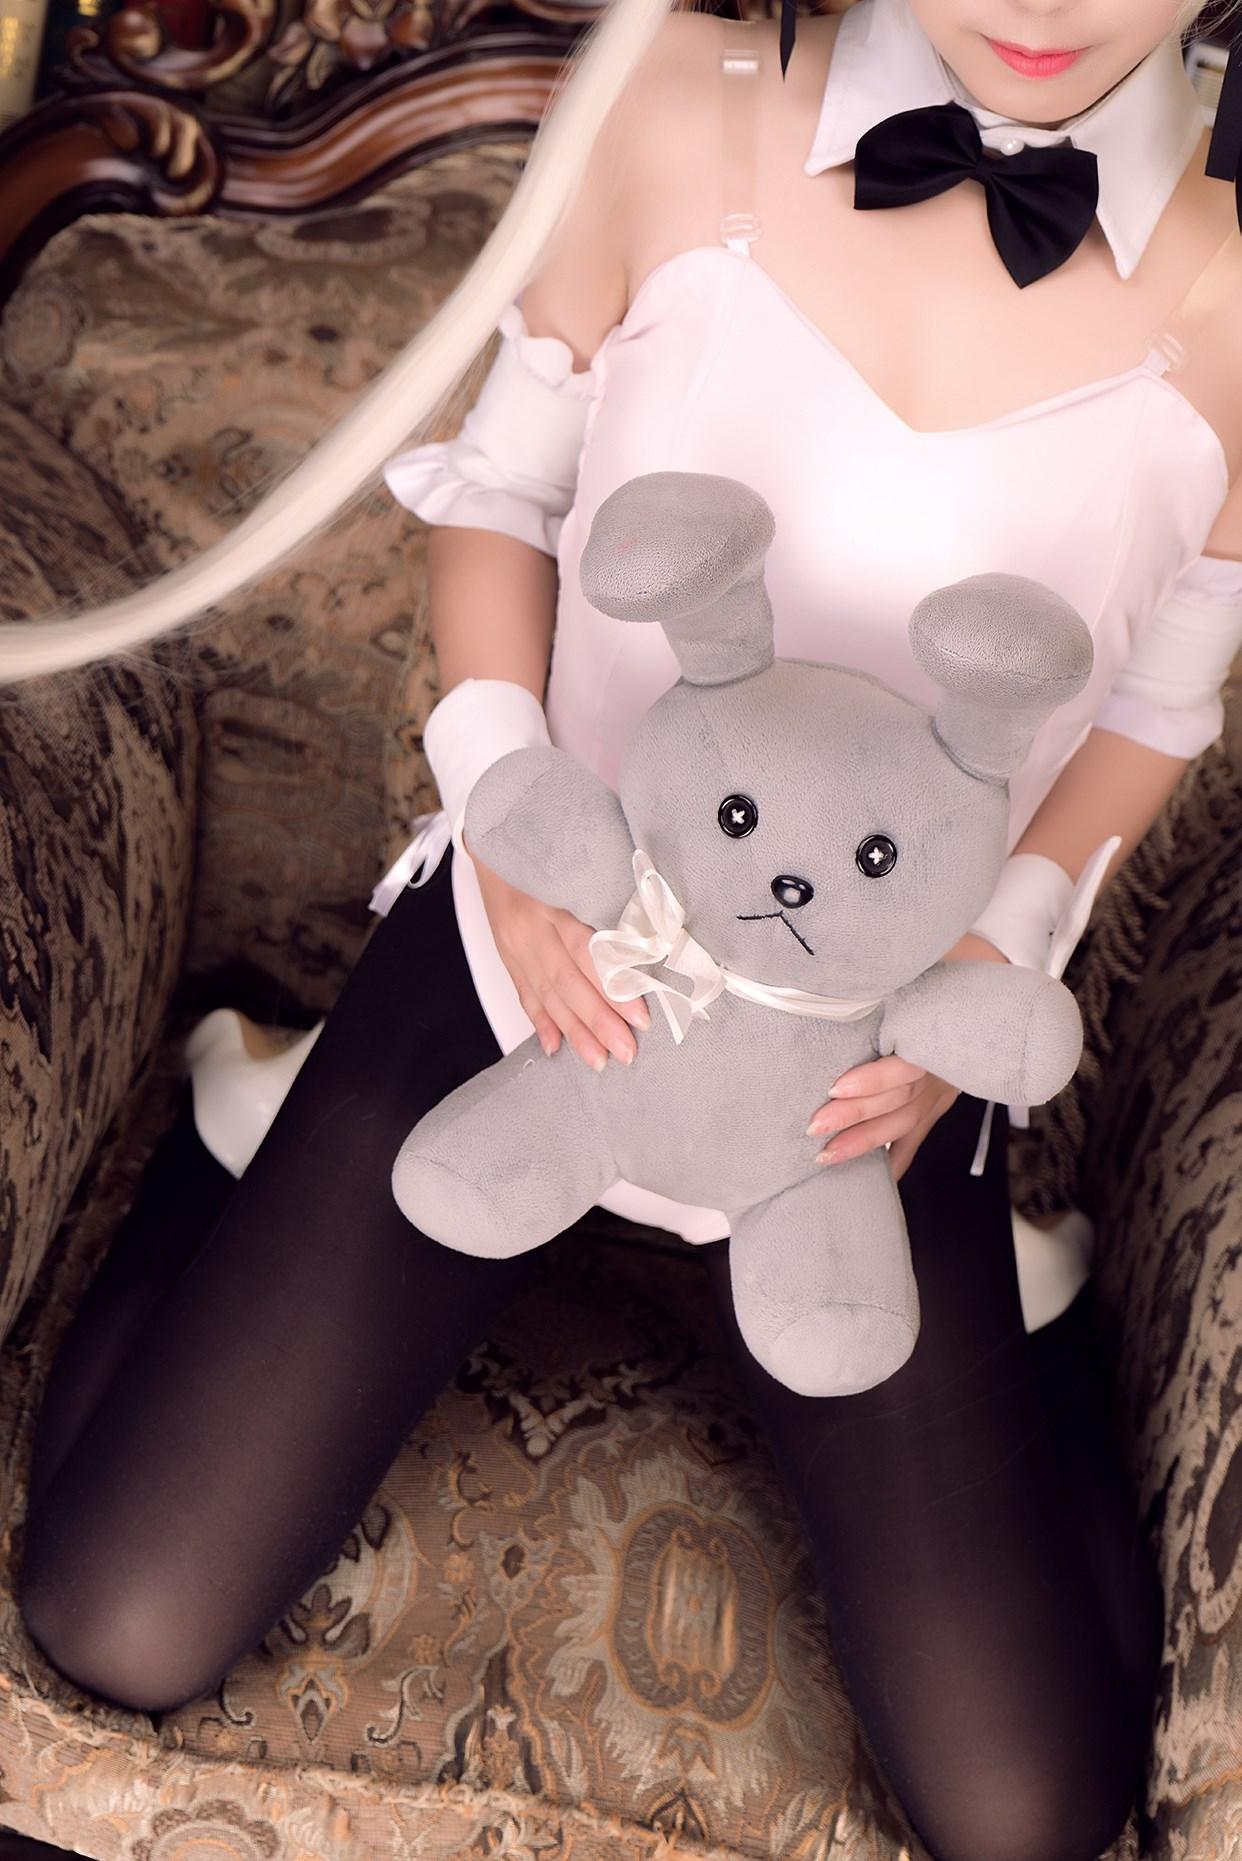 【兔玩映画】兔女郎vol.15-穹妹 兔玩映画 第13张